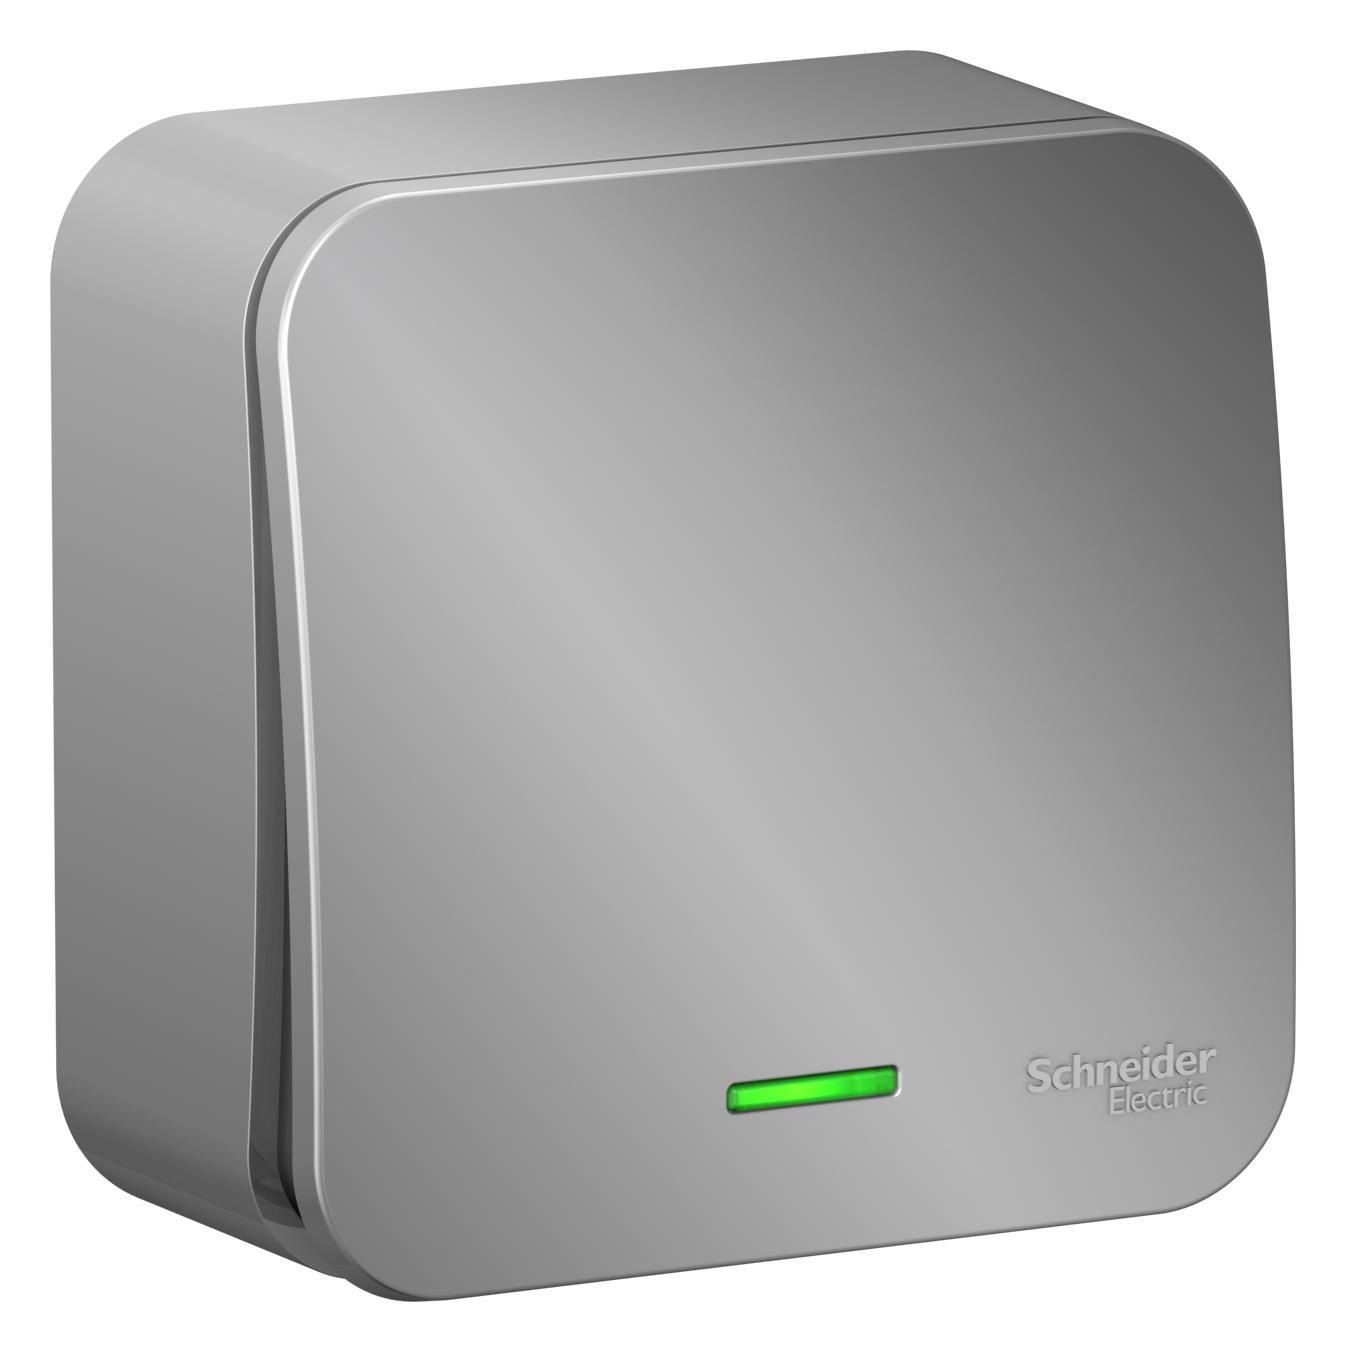 Выключатель Schneider electric Blnva101103 blanca выключатель schneider electric blnva105014 blanca